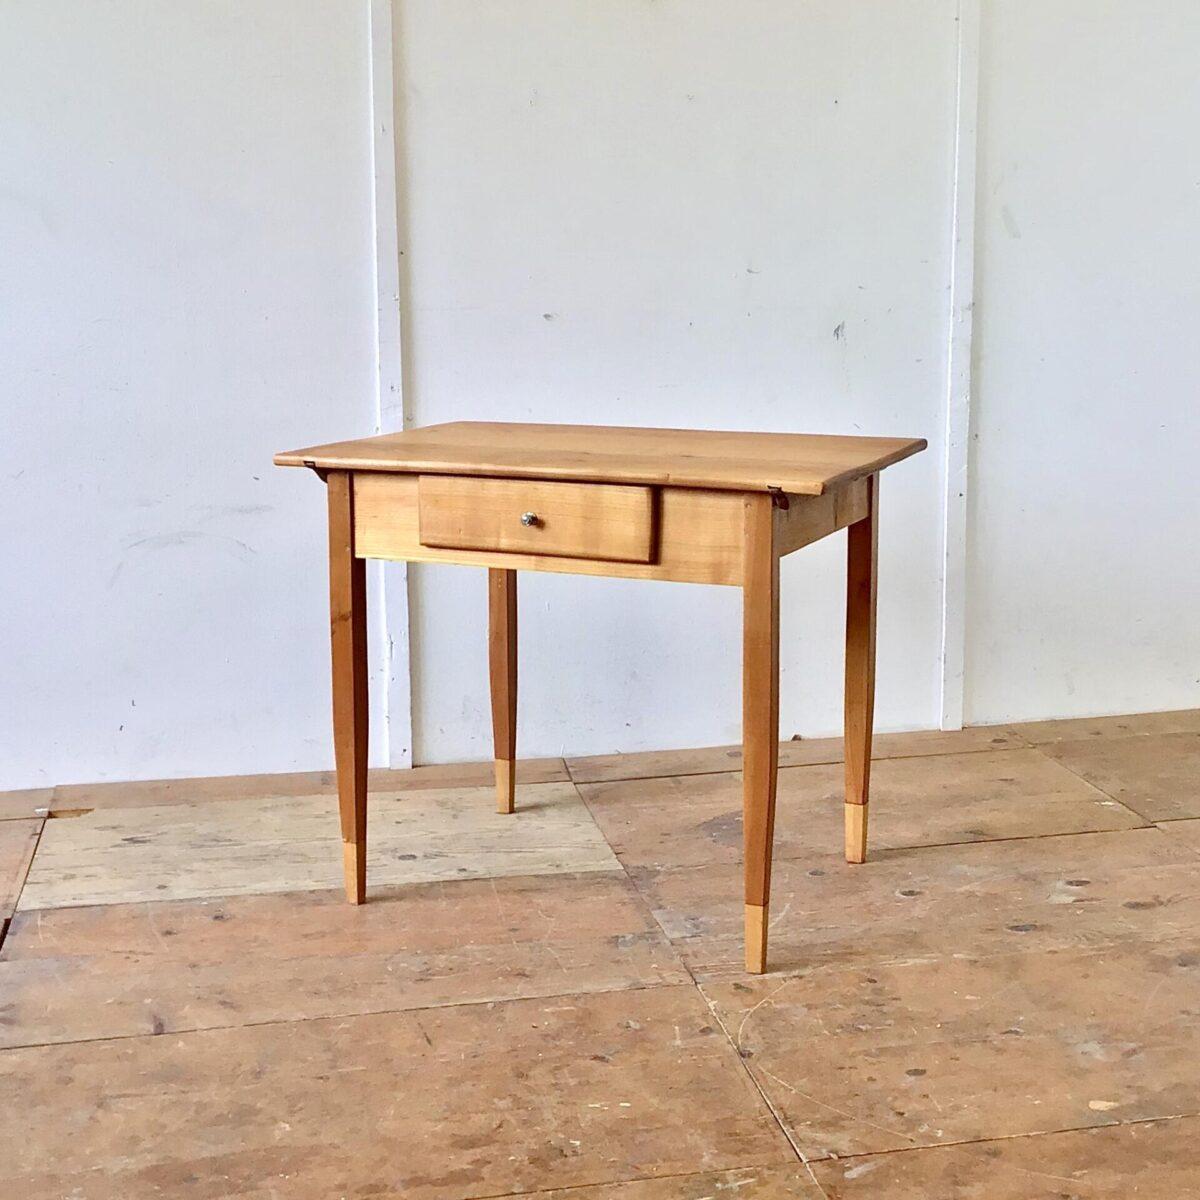 Kirschbaum Schreibtisch mit Schublade. 92x63.5cm Höhe 75cm. Der Schreibtisch oder Küchentisch hat auf der Tischoberfläche drei flicke aus Messing. Die Holzoberfläche ist mit Naturöl behandelt. Die Tischbeine wurden mal verlängert. Insgesamt sehr feingliedrig und leichtfüssig.